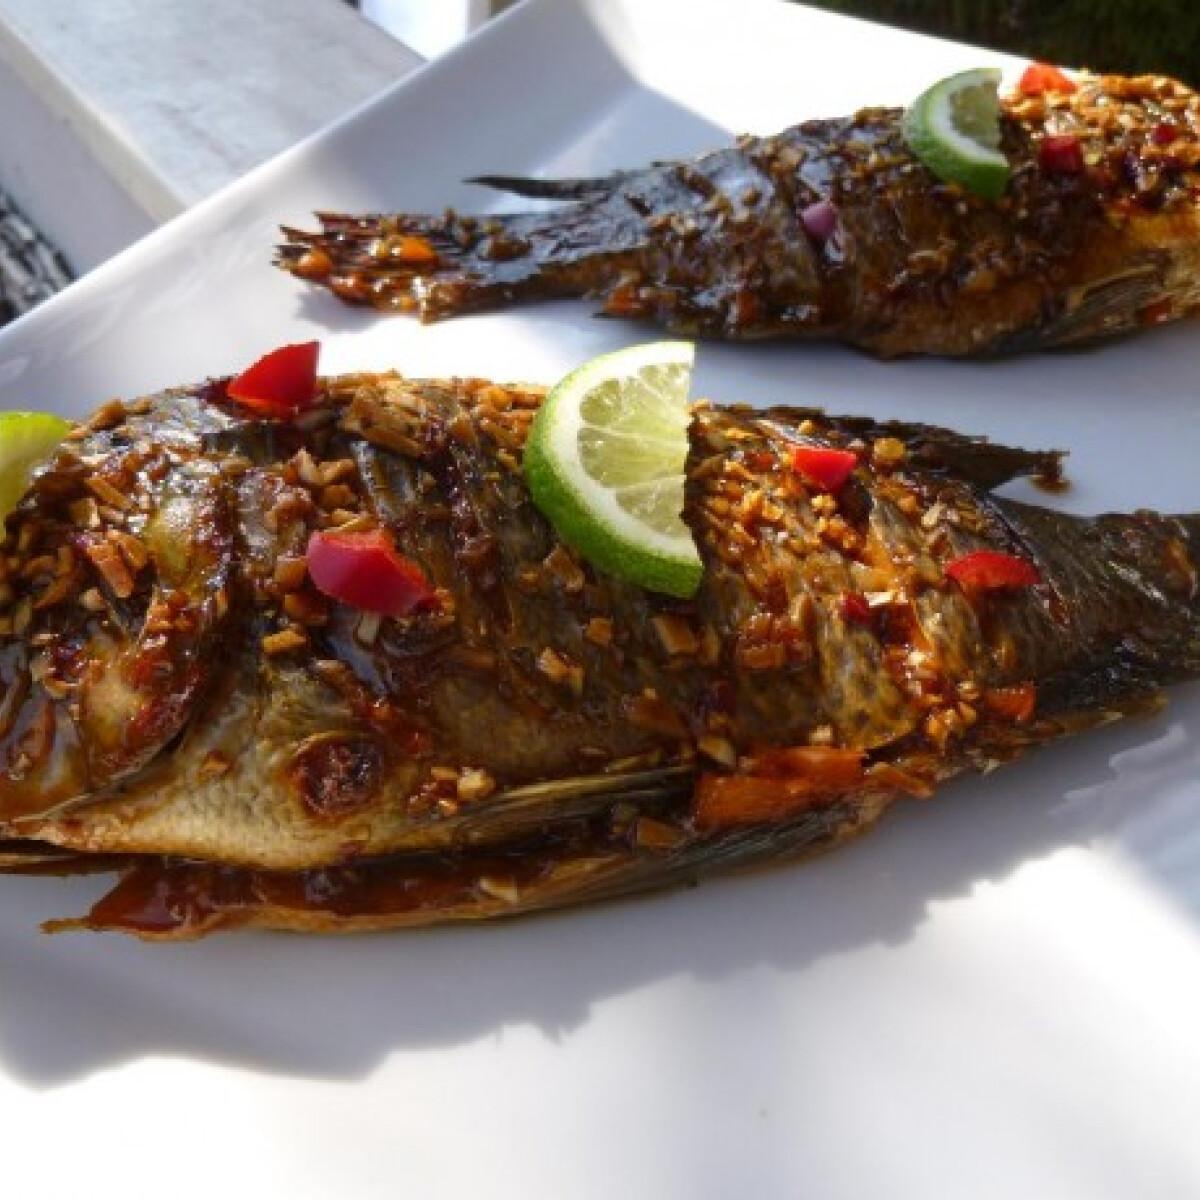 Ezen a képen: Fóliában sült hal